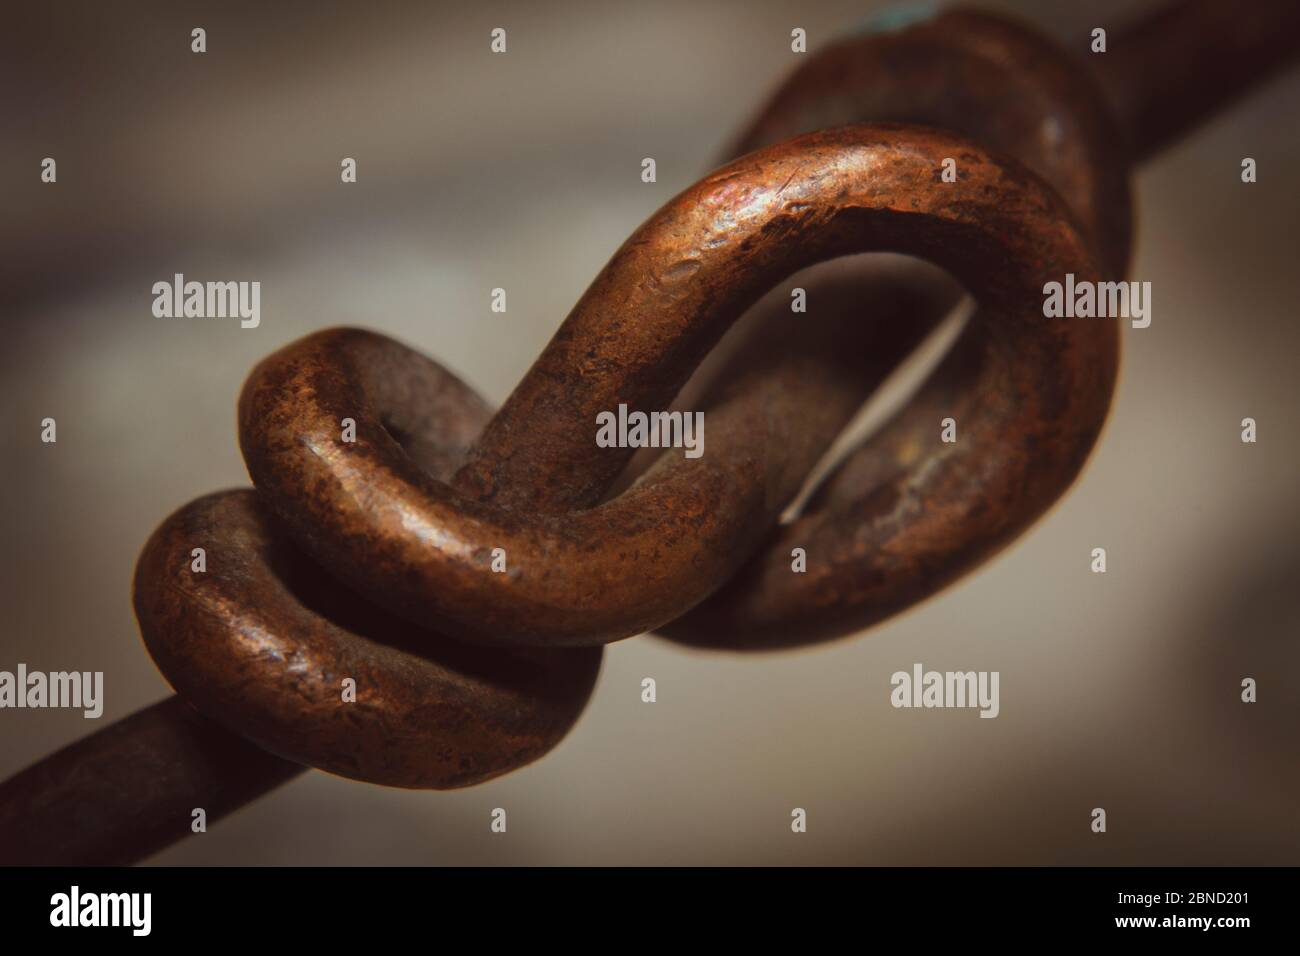 Abstrait signe ou concept de la puissance de la vie avec l'établissement d'une relation forte Banque D'Images